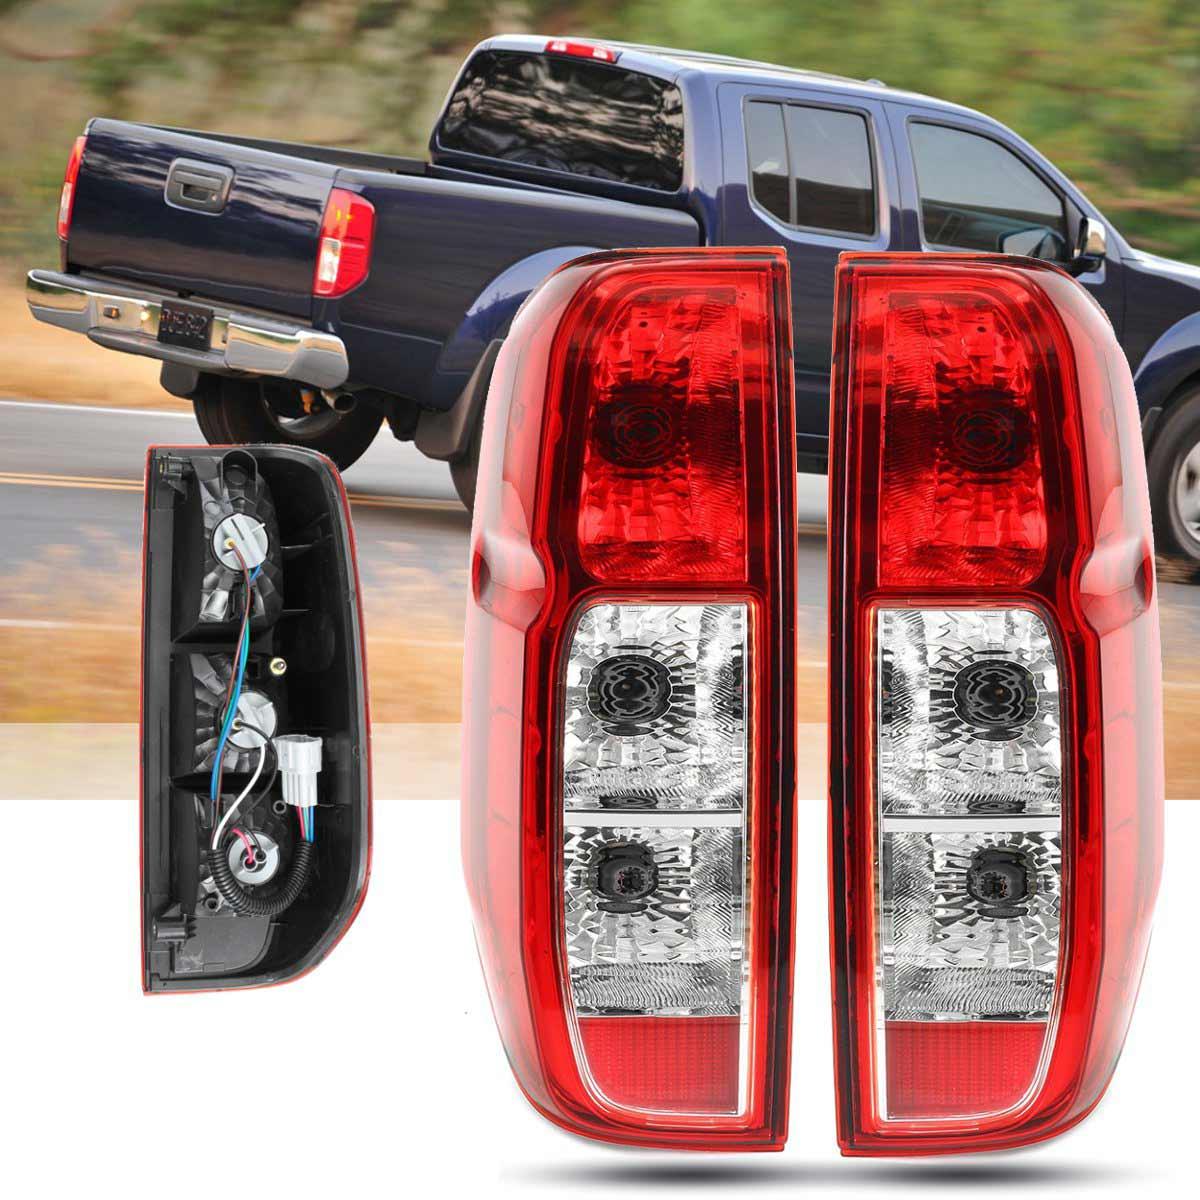 Красный задний светильник тормозной светильник задний стоп-сигнал светильник задние предупреждающие светильник для Nissan Navara D40 2005 2006 2007 2008 ...